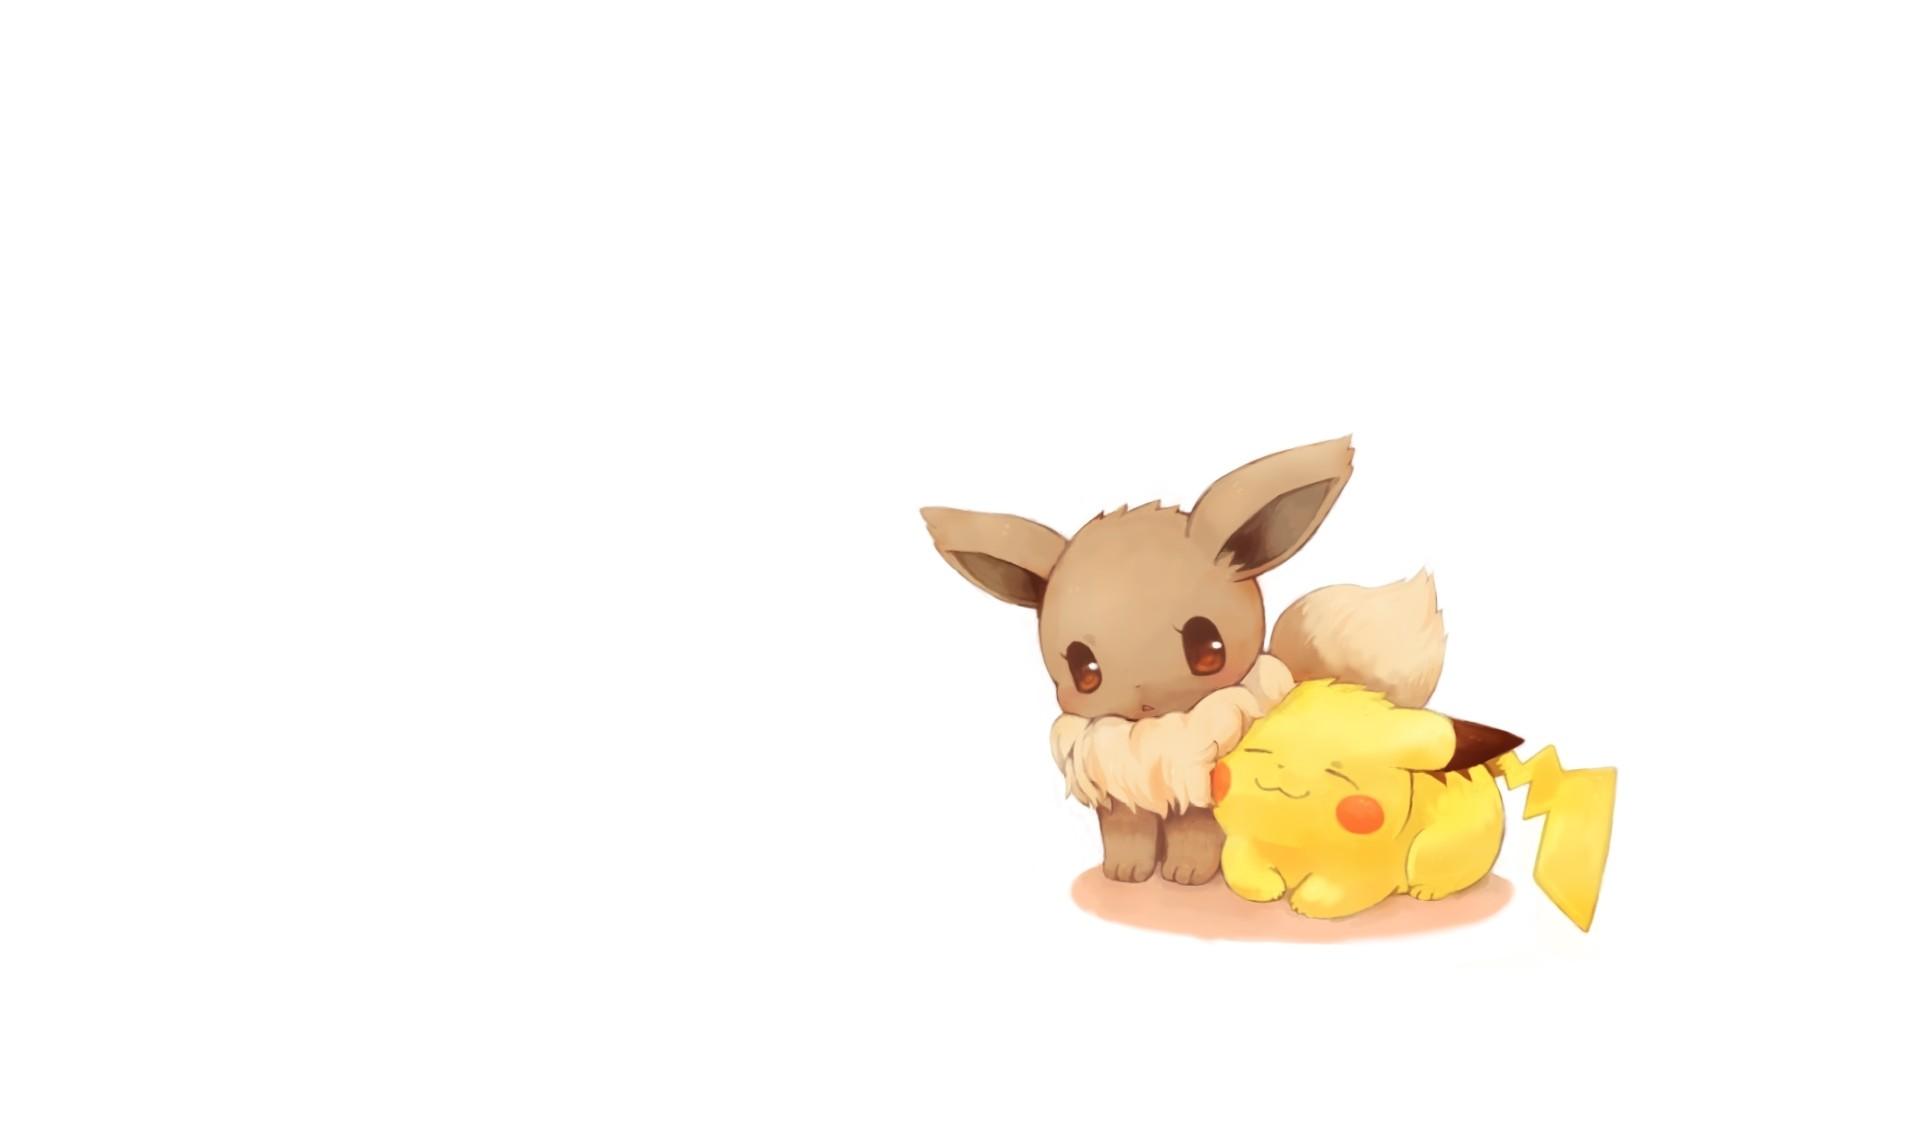 Pokemon Eevee Wallpaper. Download